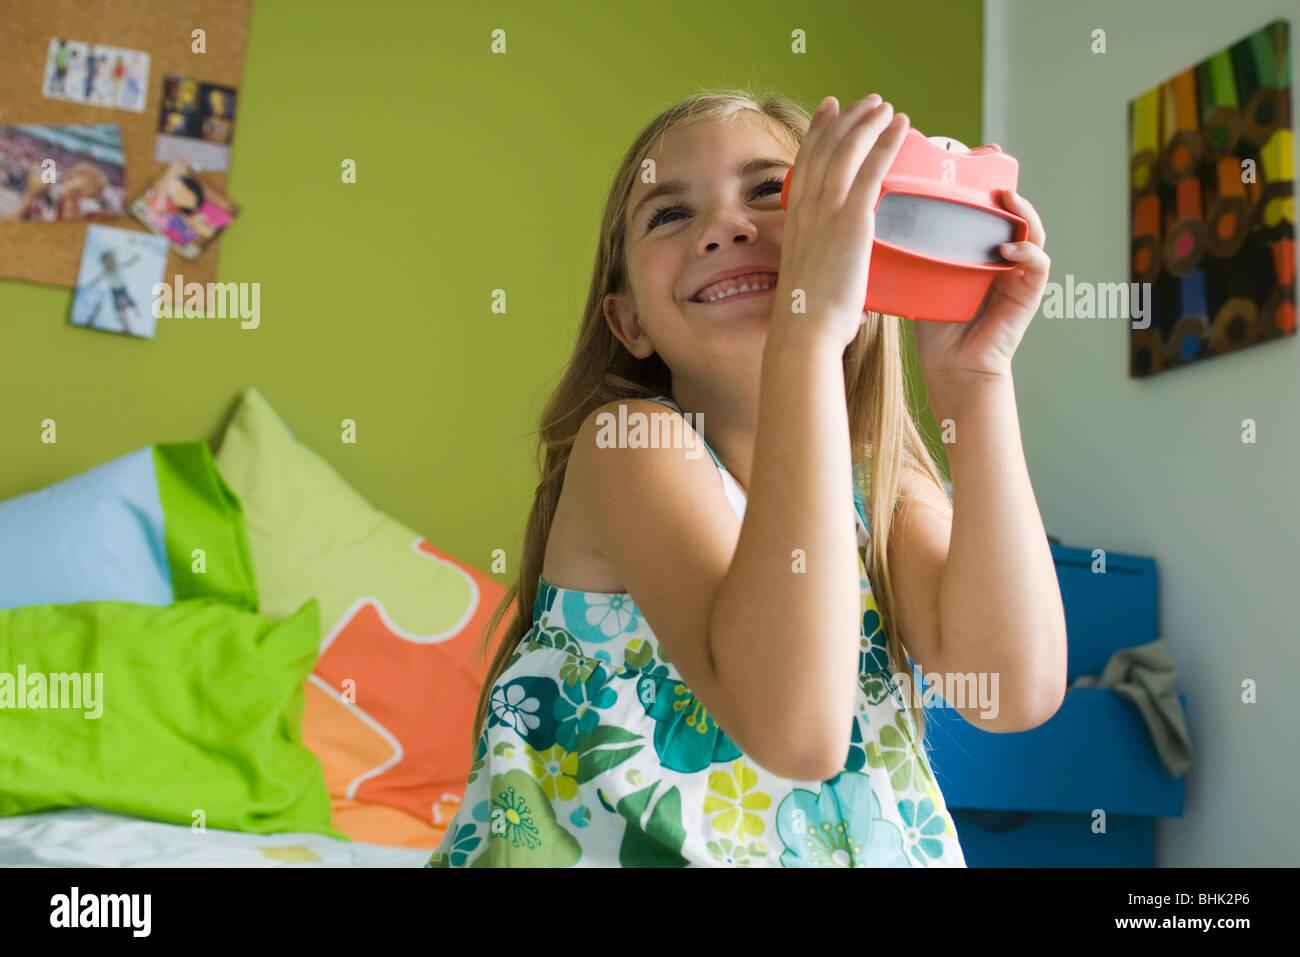 Ragazza che gioca con il mirino del giocattolo Immagini Stock